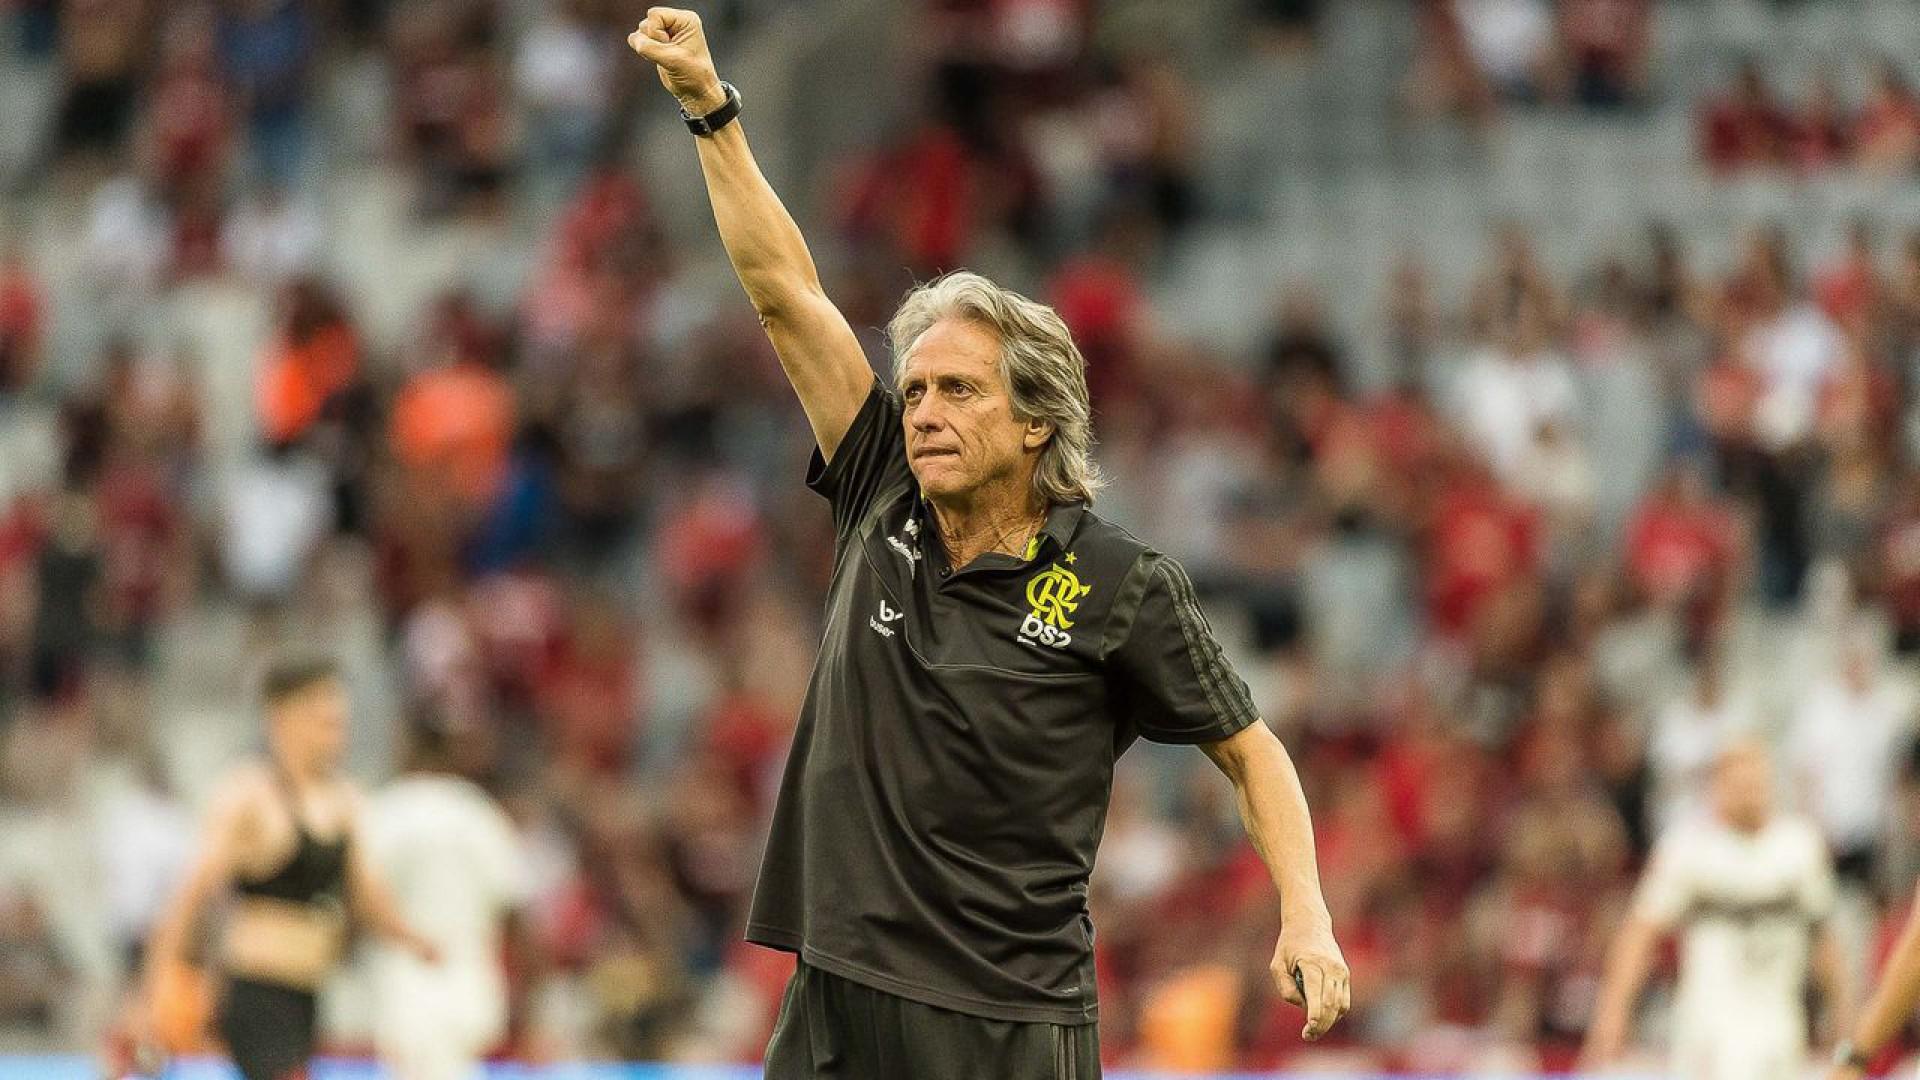 Jorge Jesus afirma que Flamengo disputaria Champions League: 'Não há um desnível grande'